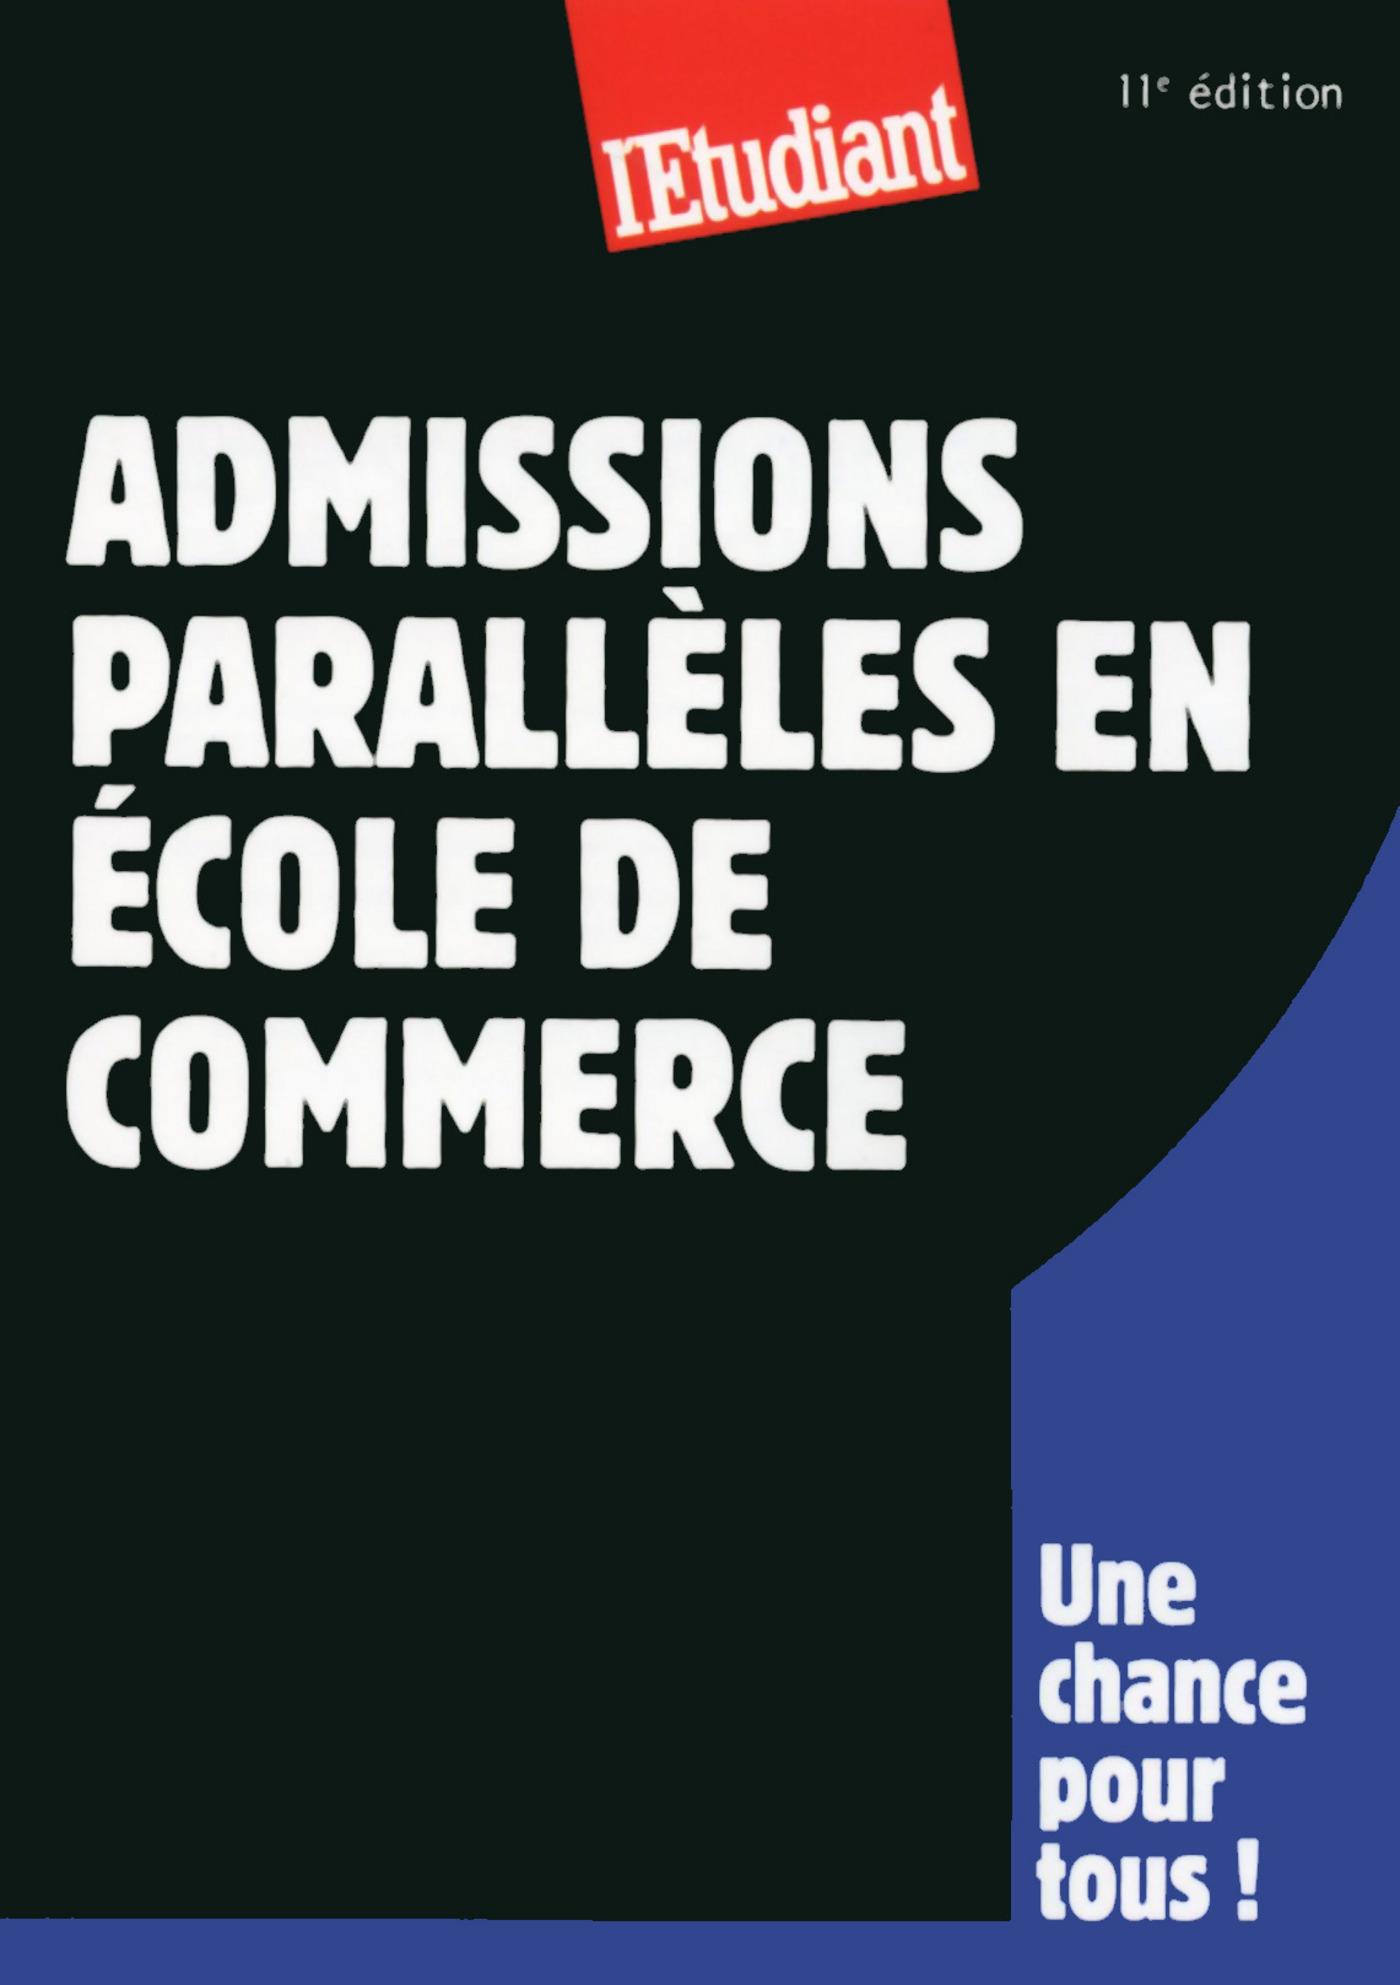 Admissions parallèles en école de commerce 11ED (ebook)